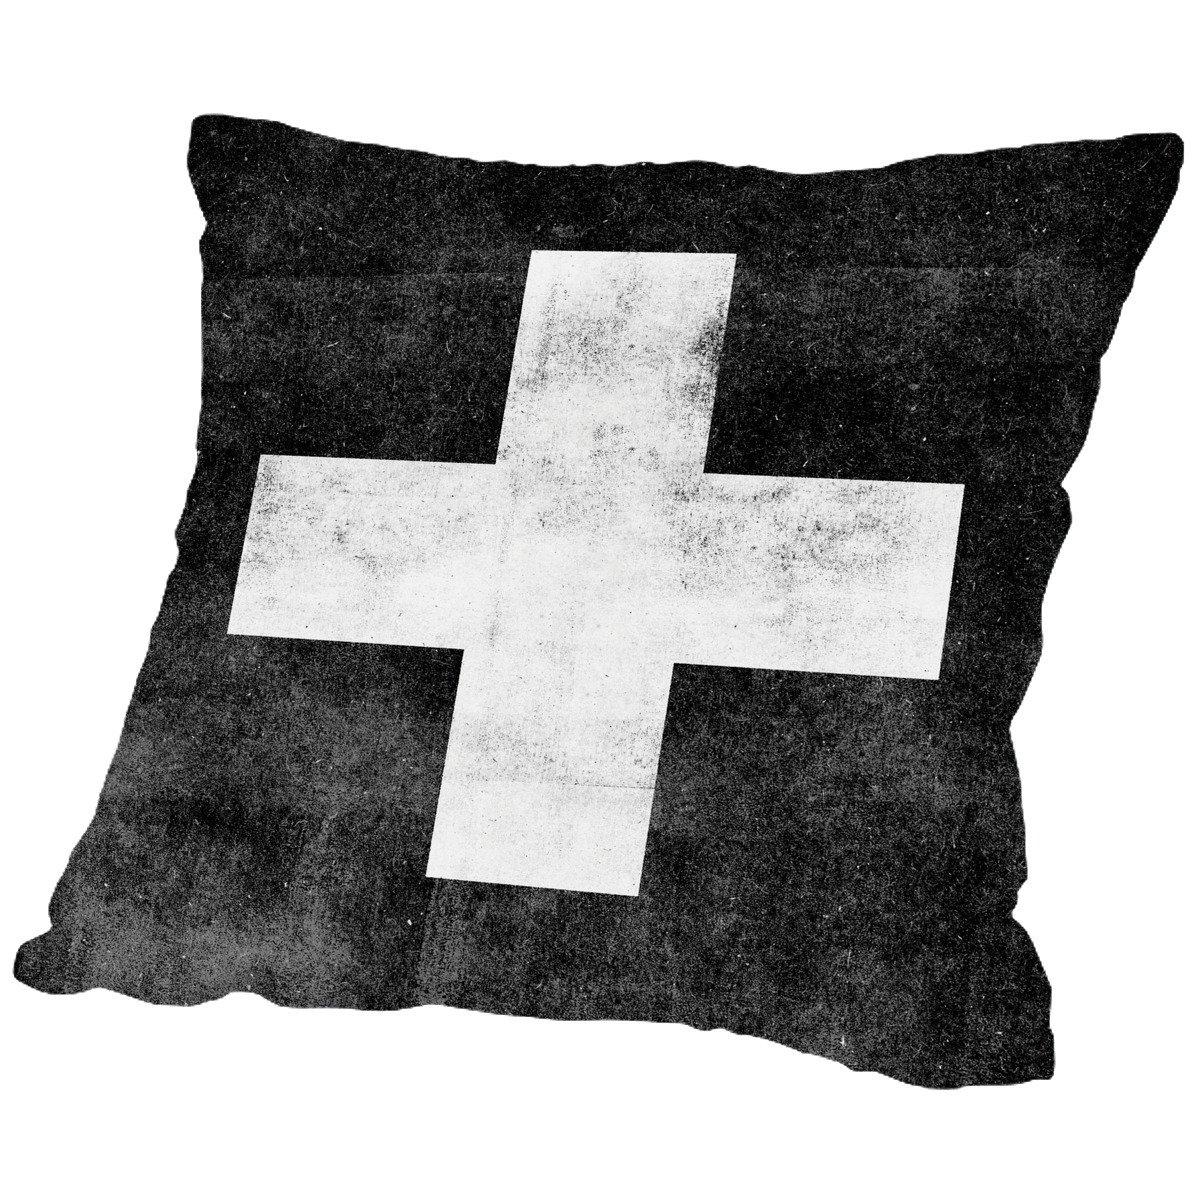 American Flat Swiss Cross On Black Pillow by Brett Wilson, 16'' x 16''